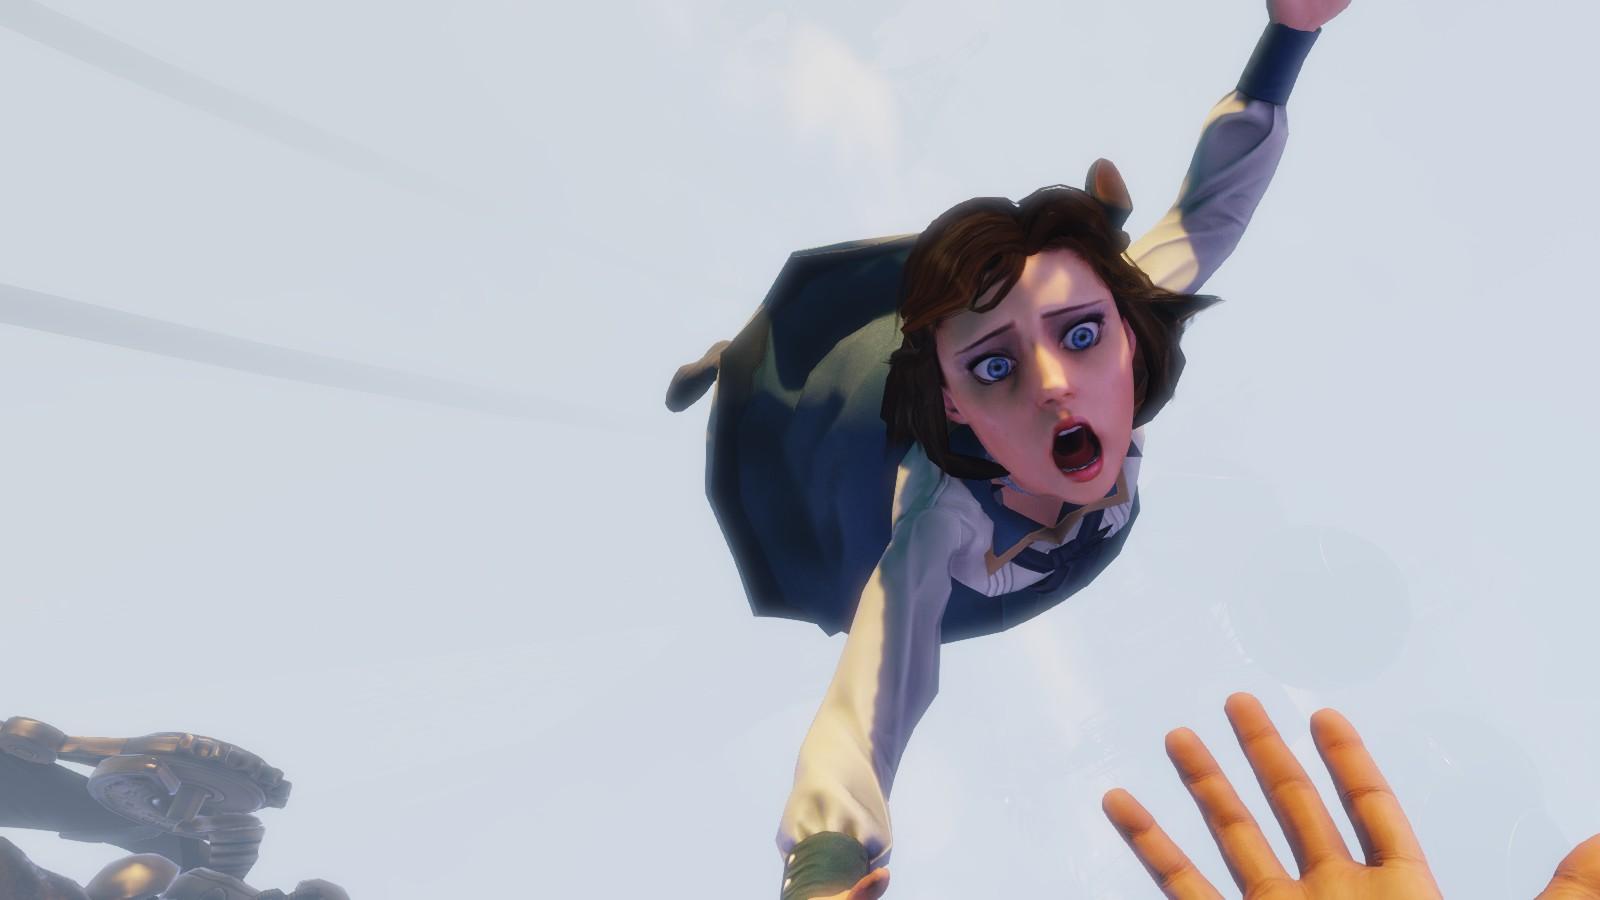 BioShock Infinite - Plovoucí město plné fantazie a korupce! 78221